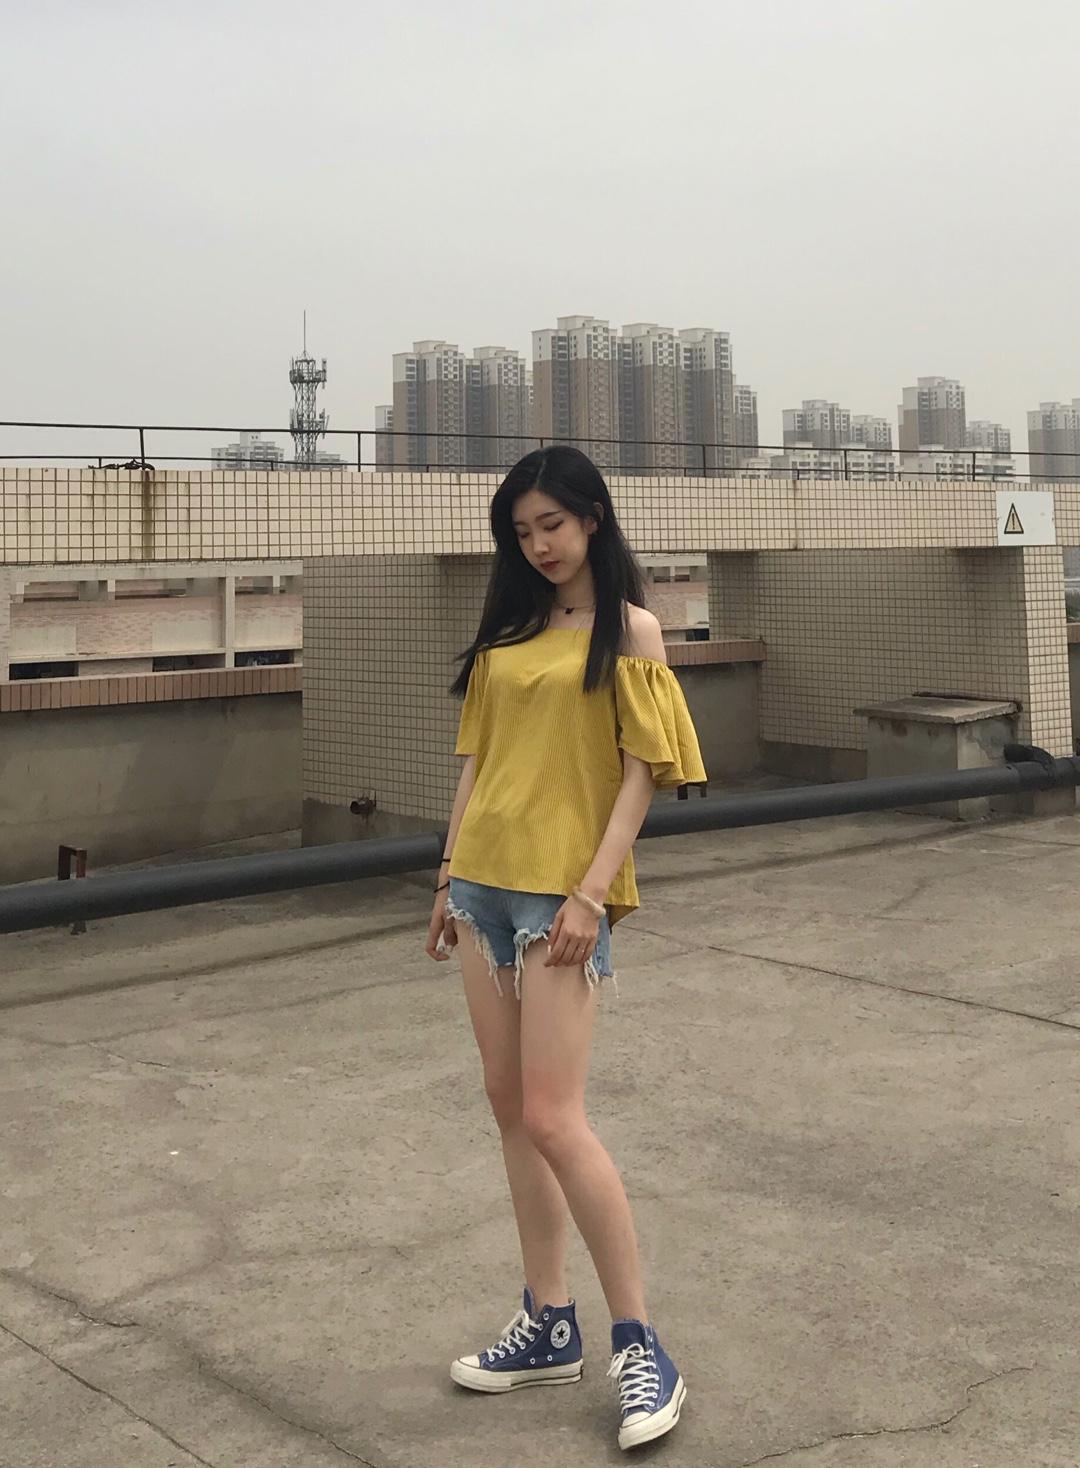 #夏日水果色上身,我超甜#  吹爆这件黄色漏肩👕上衣啦~ 超显白好看👍 皮卡丘同款黄,真的很显白啦❤️ 整件衣服虽然加有漏肩设计,但整体风格还是很可爱哒! 版型和衣长真的很遮肉了!藏肉显高喔👍 衣服本身带有条纹,近看也好看的,不单调喔~ 搭配炫雅同款短裤!真的很显腿长的喔 选择一双帆布搭配起来就很清纯可爱啦